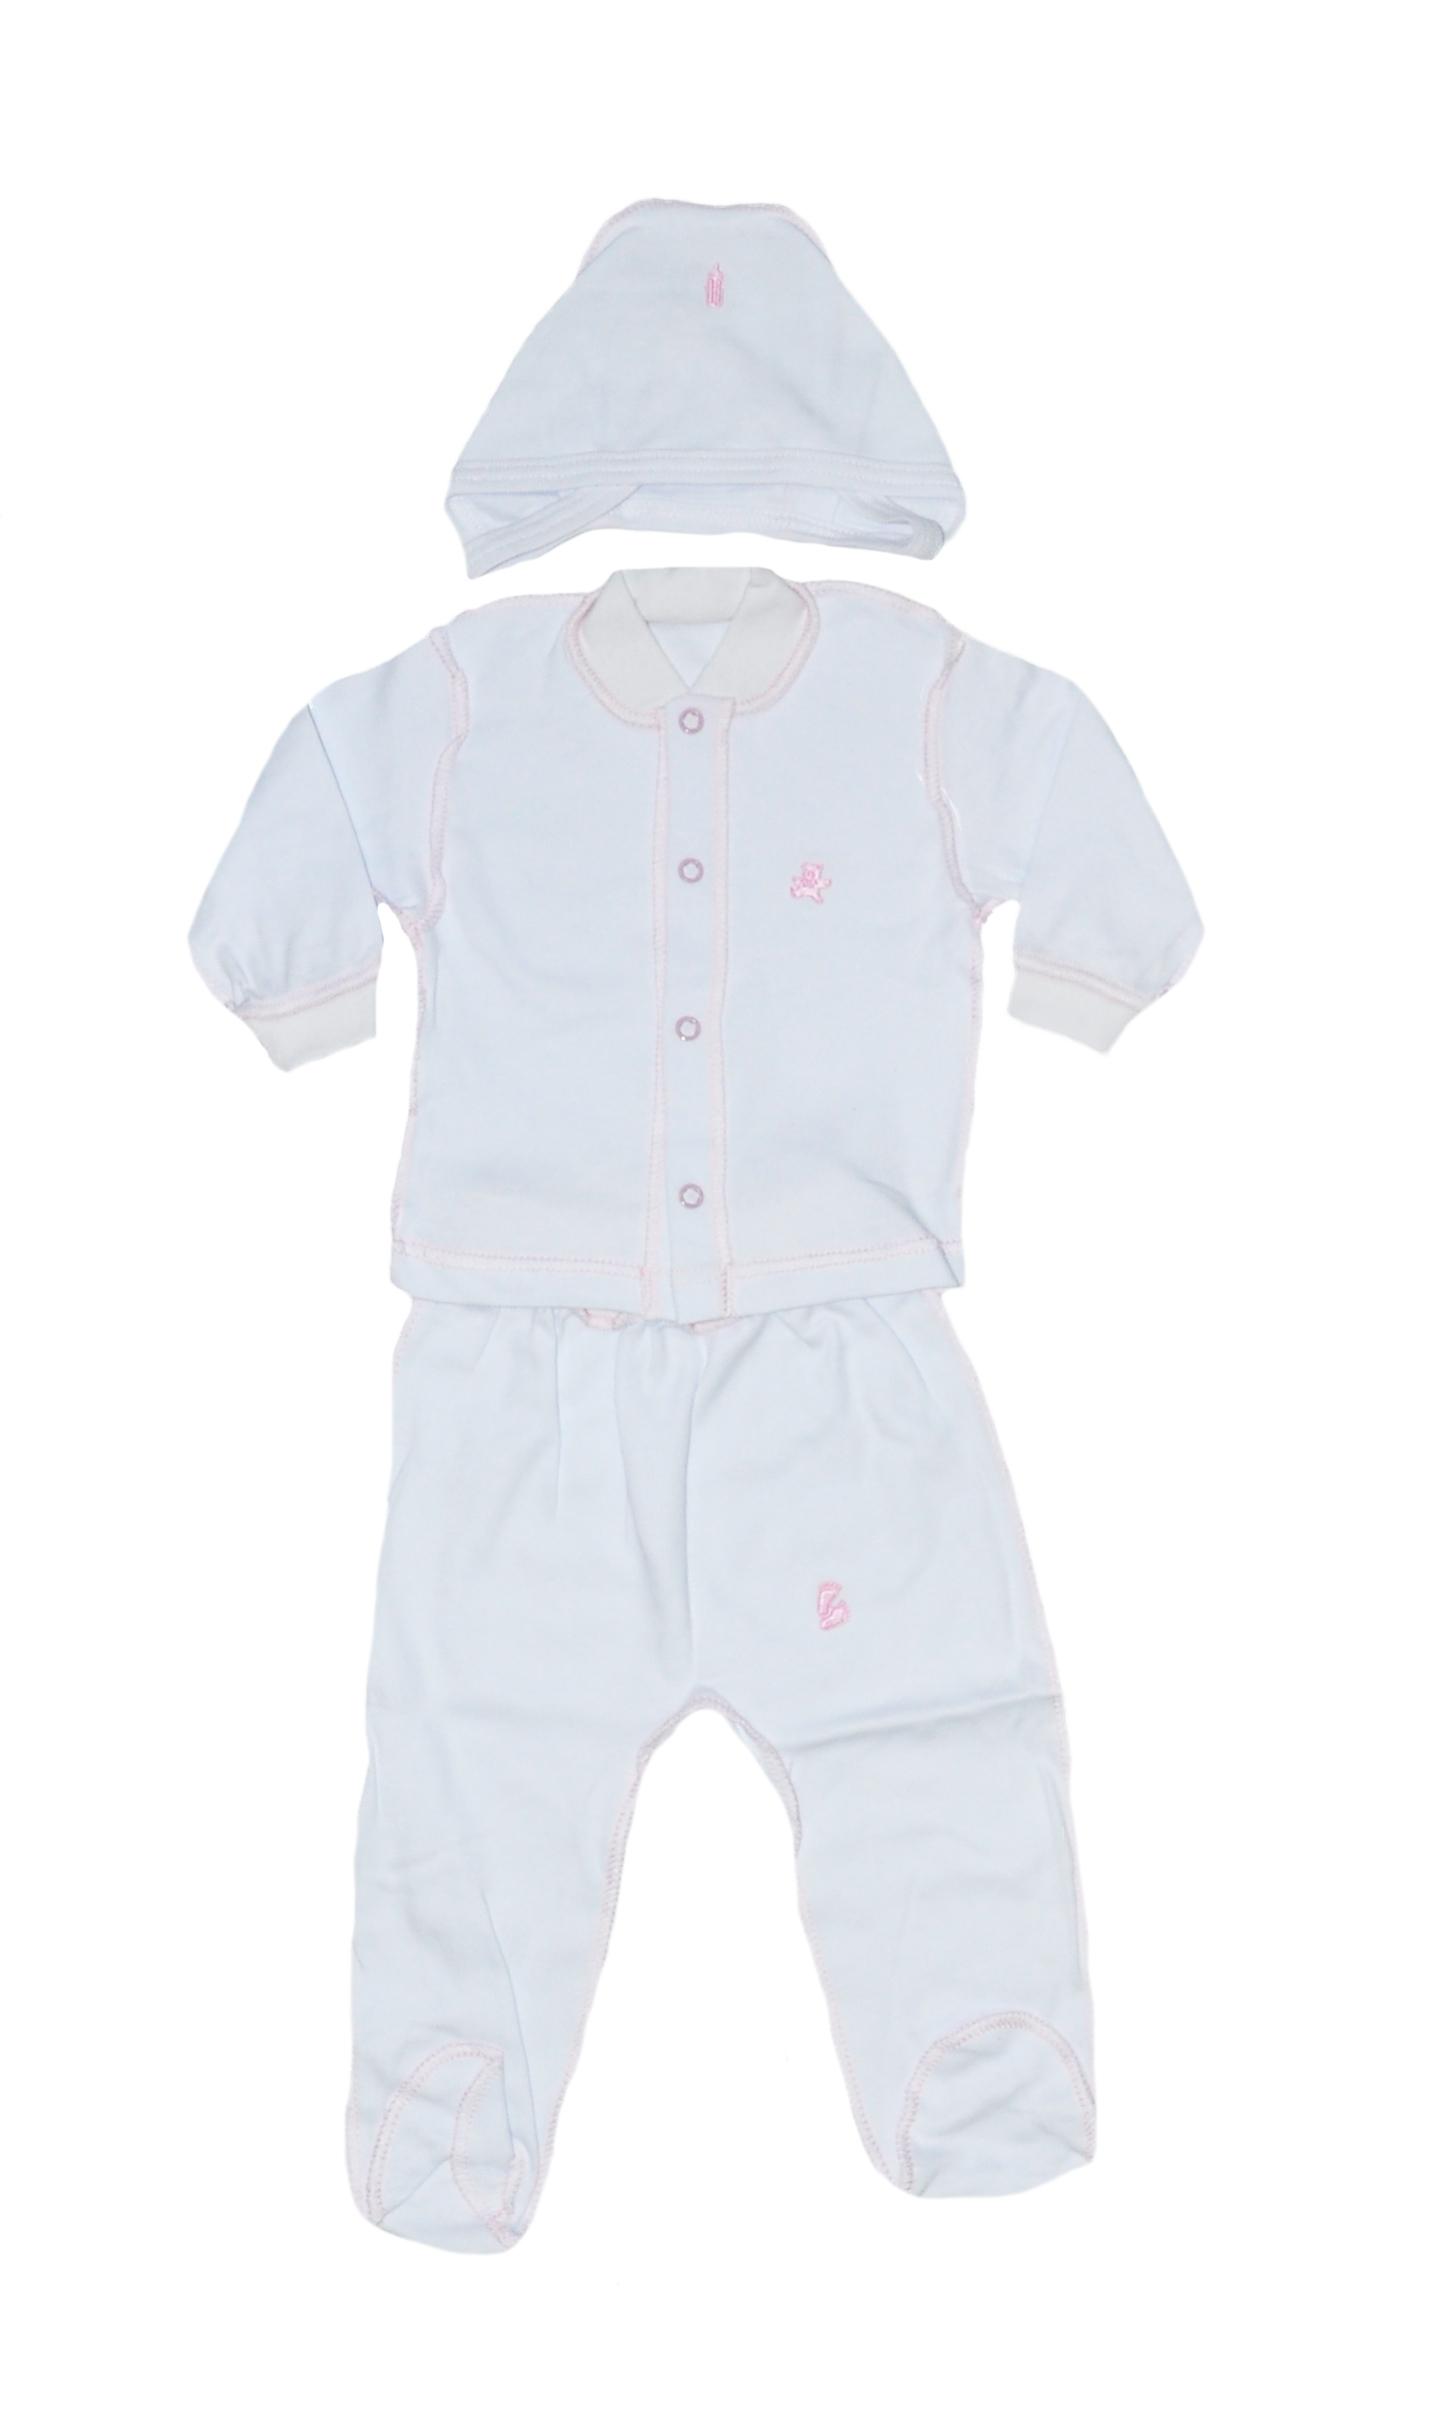 Первые вещи новорожденного Дамонт Комплект (ползунки+шапка+кофта) 3901ИП комплекты детской одежды mini world комплект для девочки кофта ползунки шапка mw14241